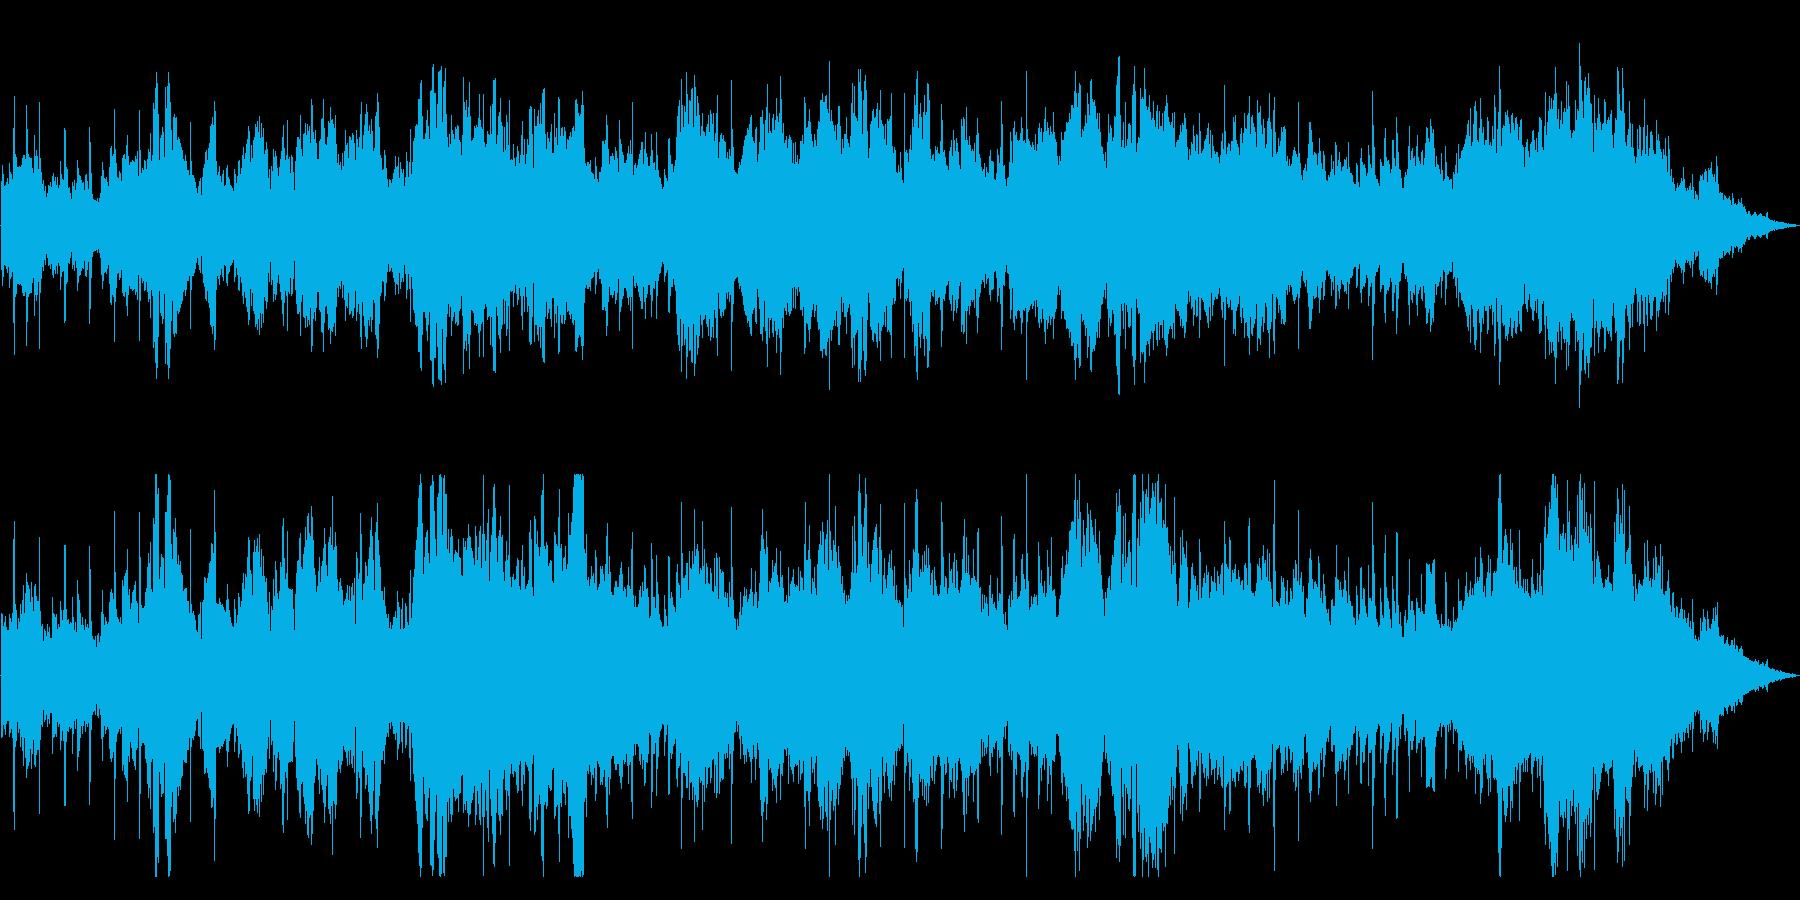 ケルトの雰囲気を漂わせる伝統的サウンドの再生済みの波形